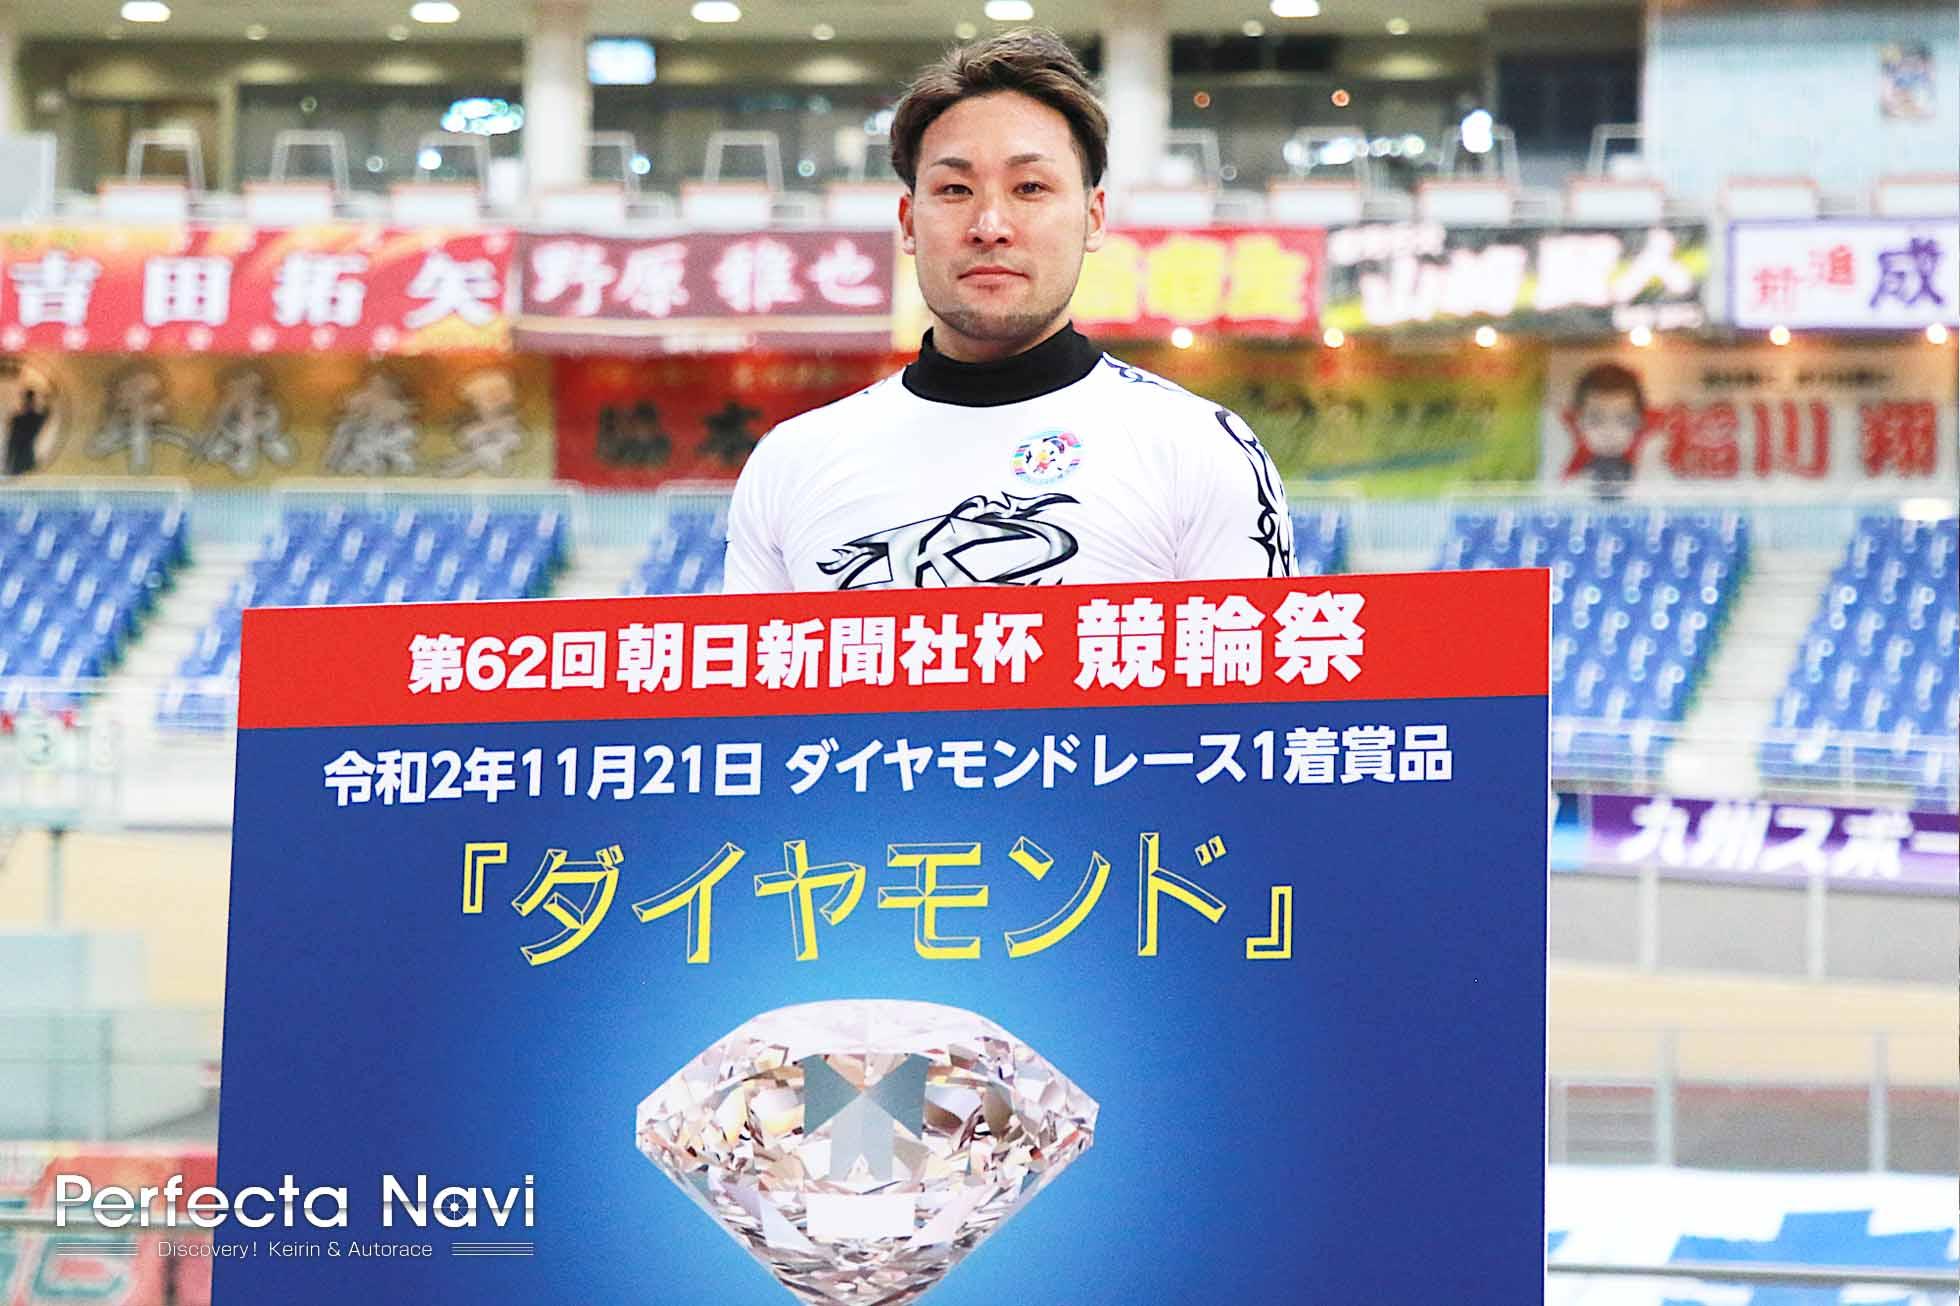 競輪祭 郡司浩平